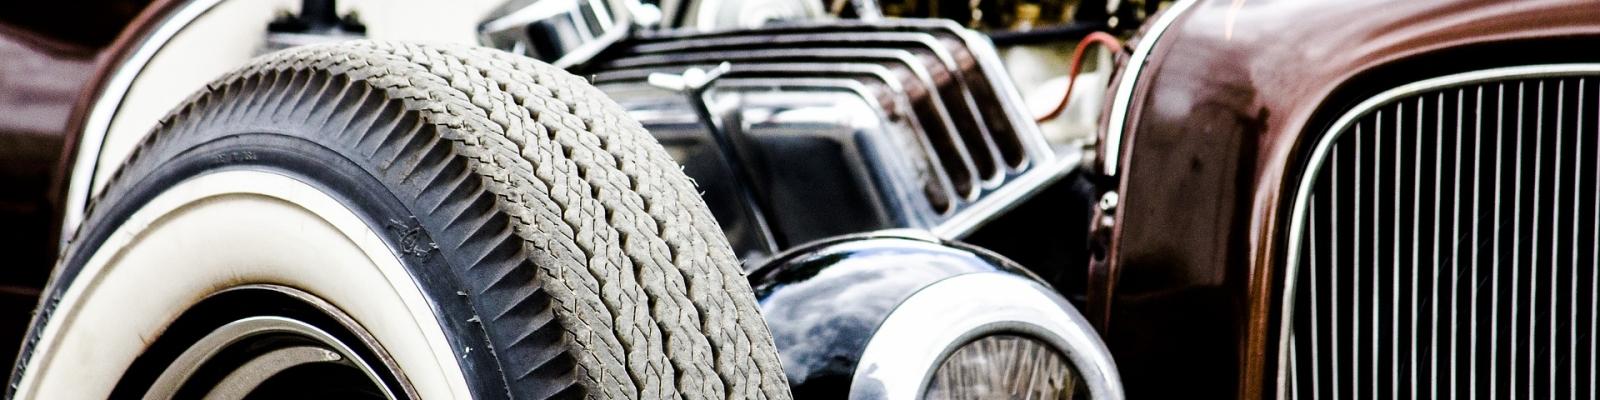 auto-3116534_1920